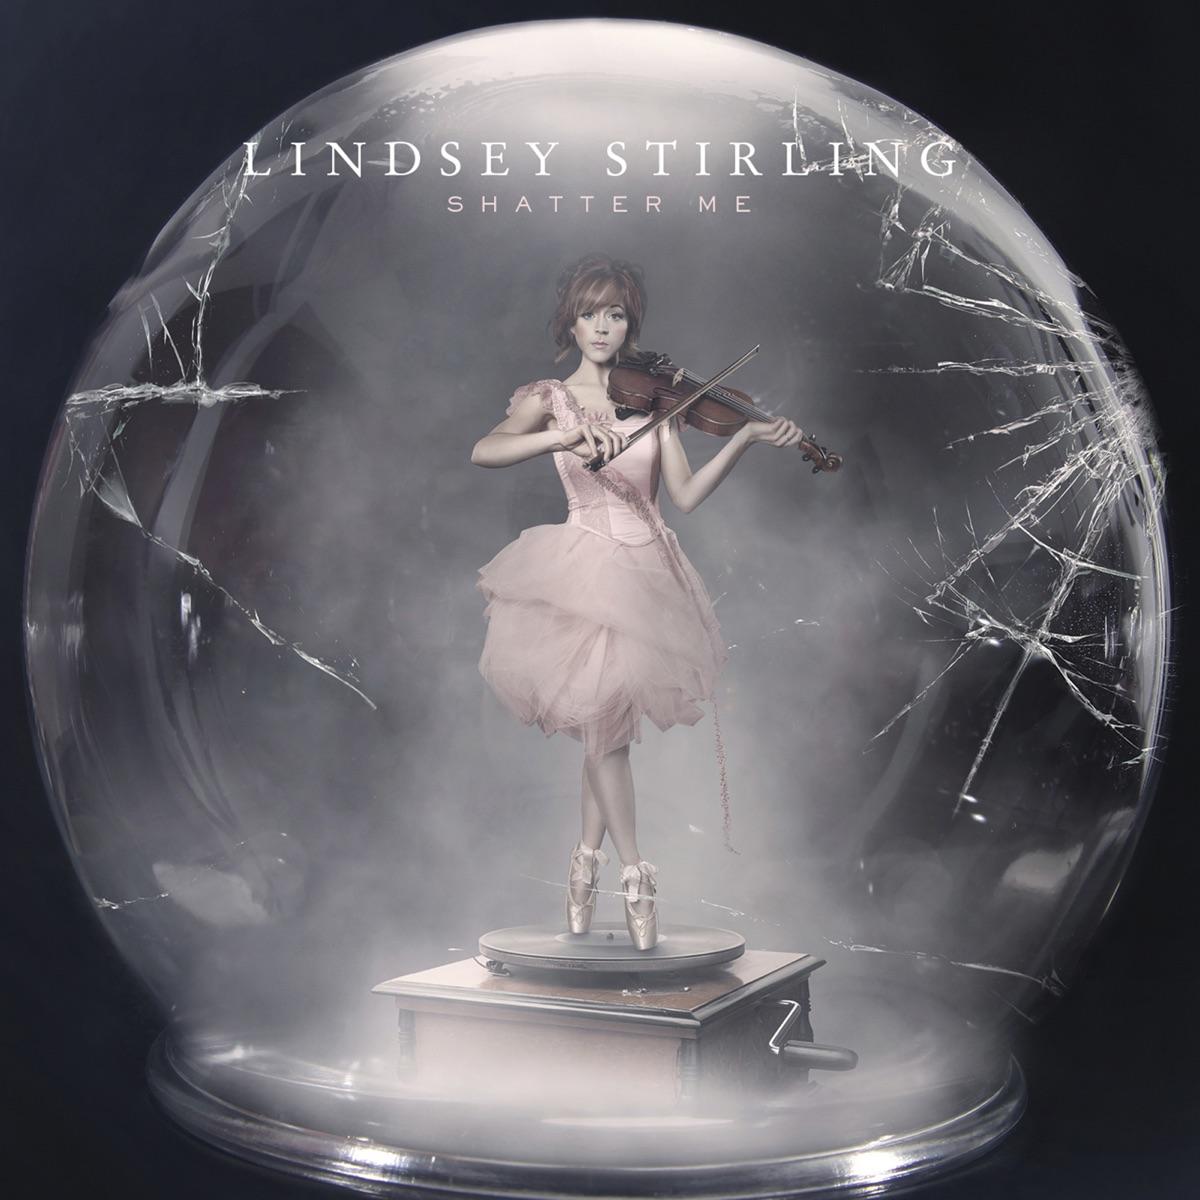 Shatter Me Lindsey Stirling CD cover